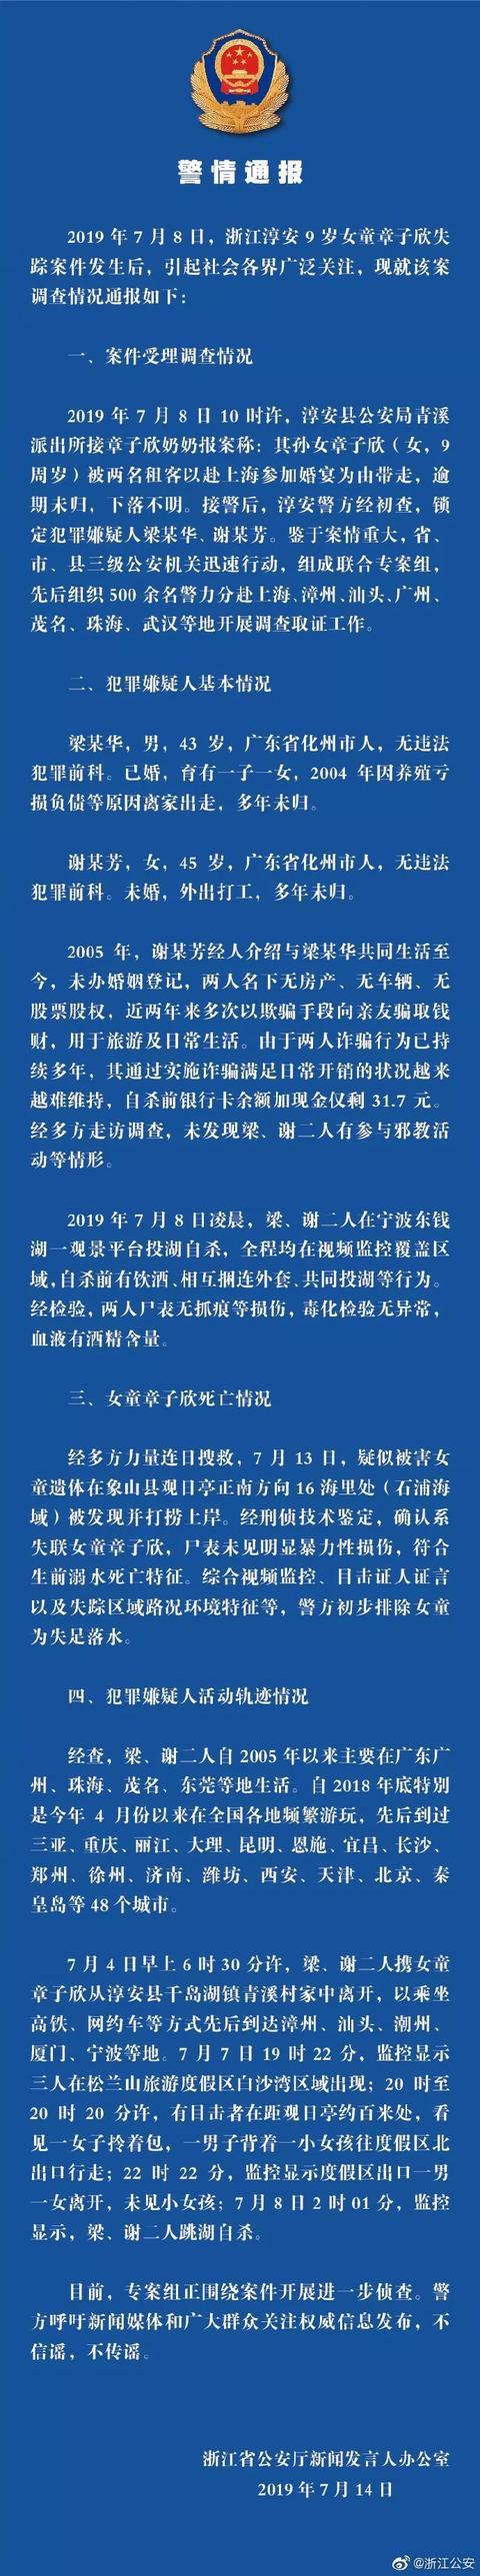 警方公布9岁女孩章子欣死因!全网关注的六大疑问有答案了,更多细节曝光